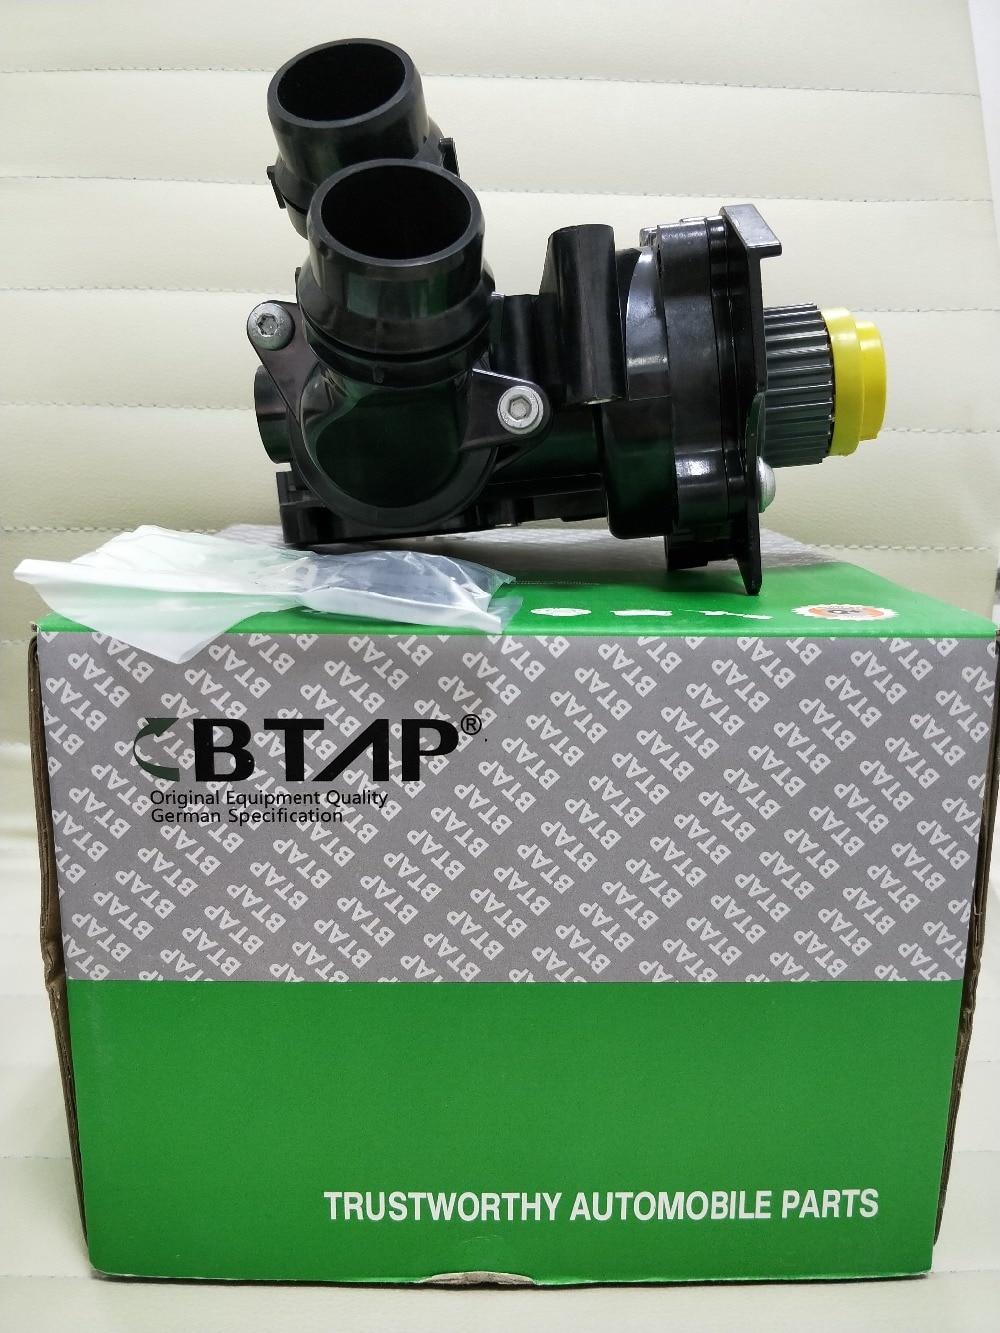 BTAP Engine Water Pump Assembly For VW Passat Jetta GLI Golf GTI MK6 EOS Tiguan AUDI 2.0T 06H121026B 06H 121 026 B/F 06H121026 for 1 8t 2 0t engine cooling water pump assembly fit vw jetta golf tiguan passat b6 octavia seat leon 06h 121 026 06h 121 026 ab